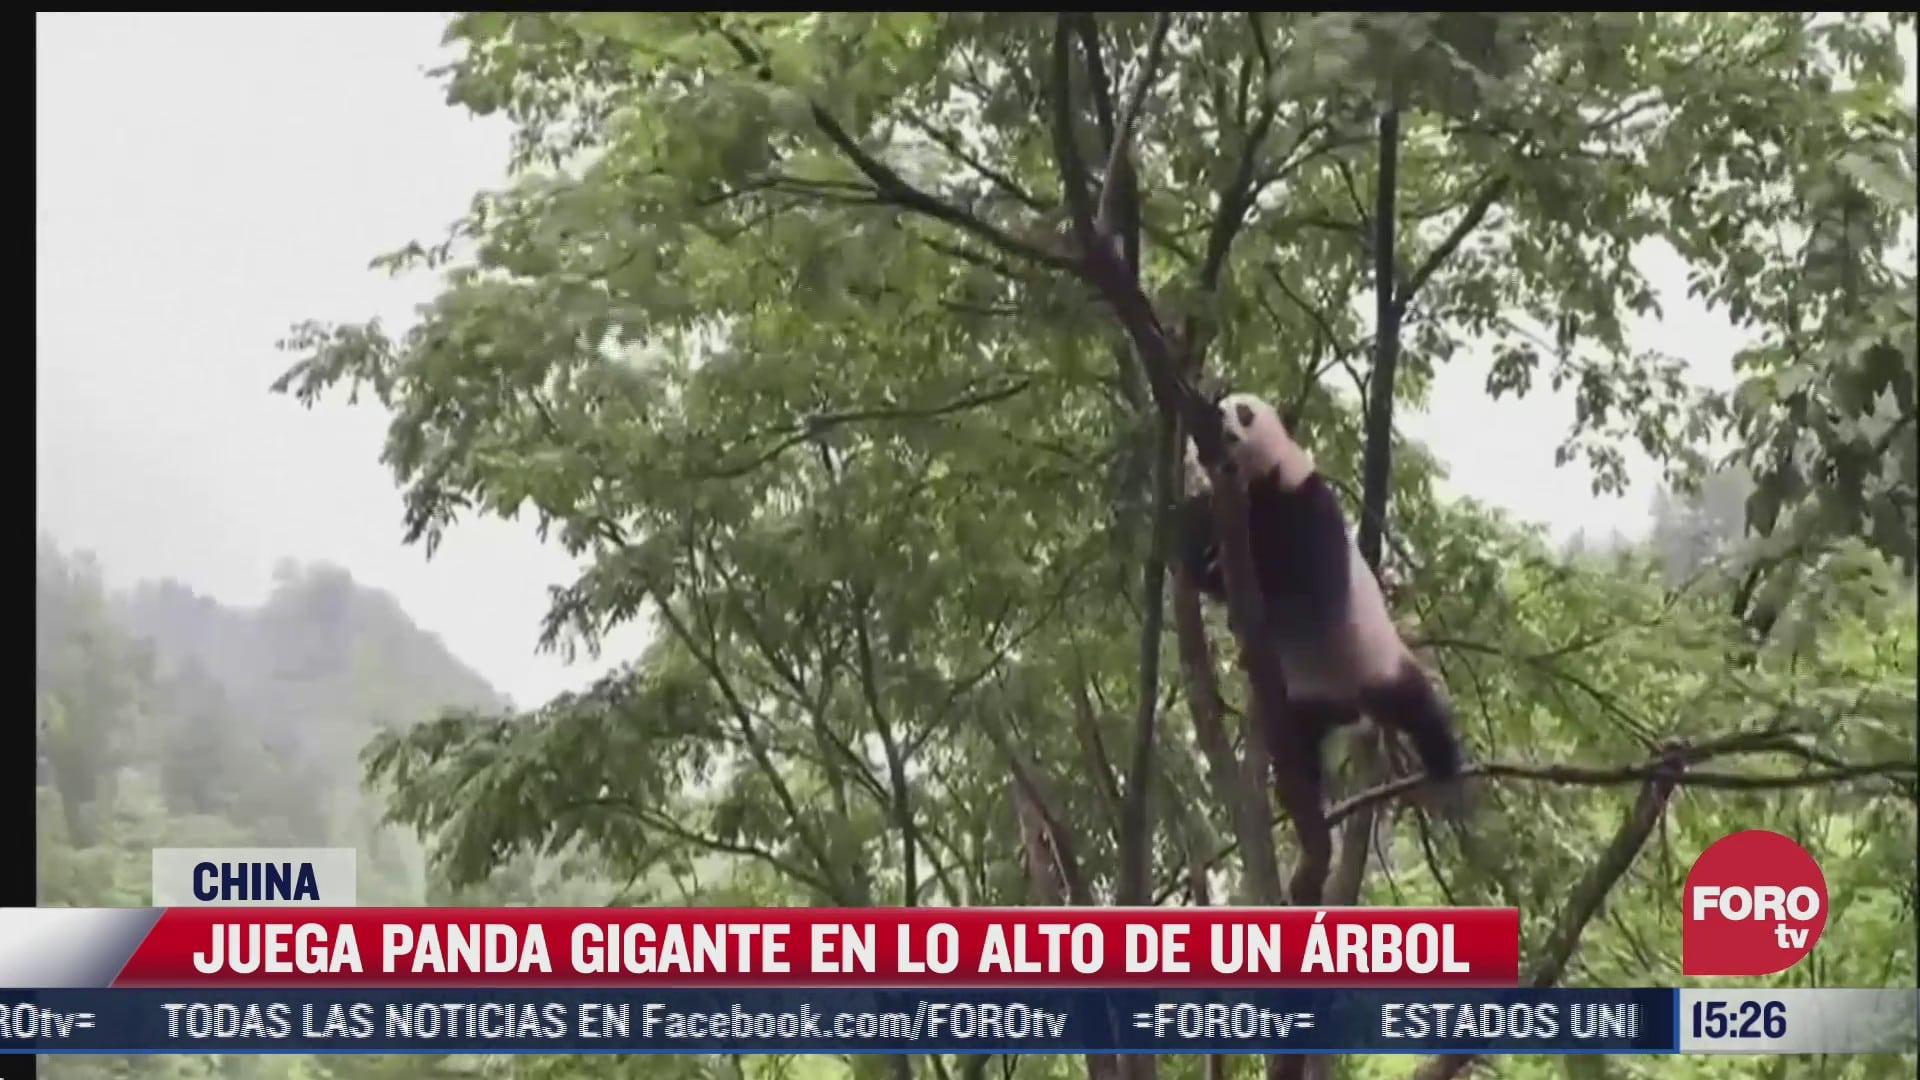 captan a panda mientras juega en lo alto de un arbol en china